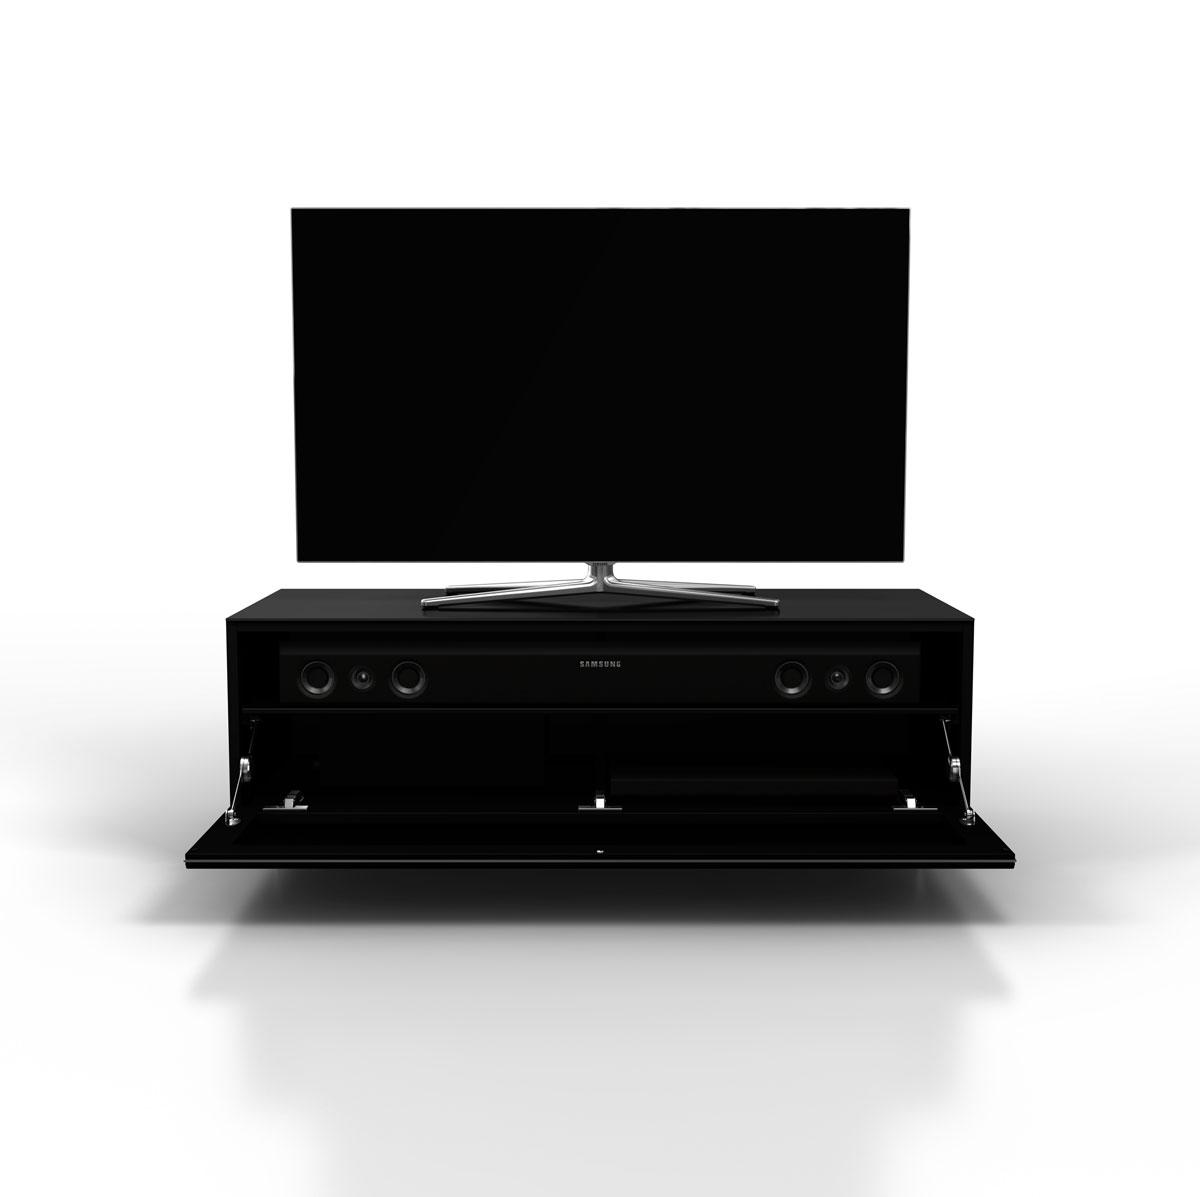 tv schrank glasaufsatz best details with tv schrank. Black Bedroom Furniture Sets. Home Design Ideas